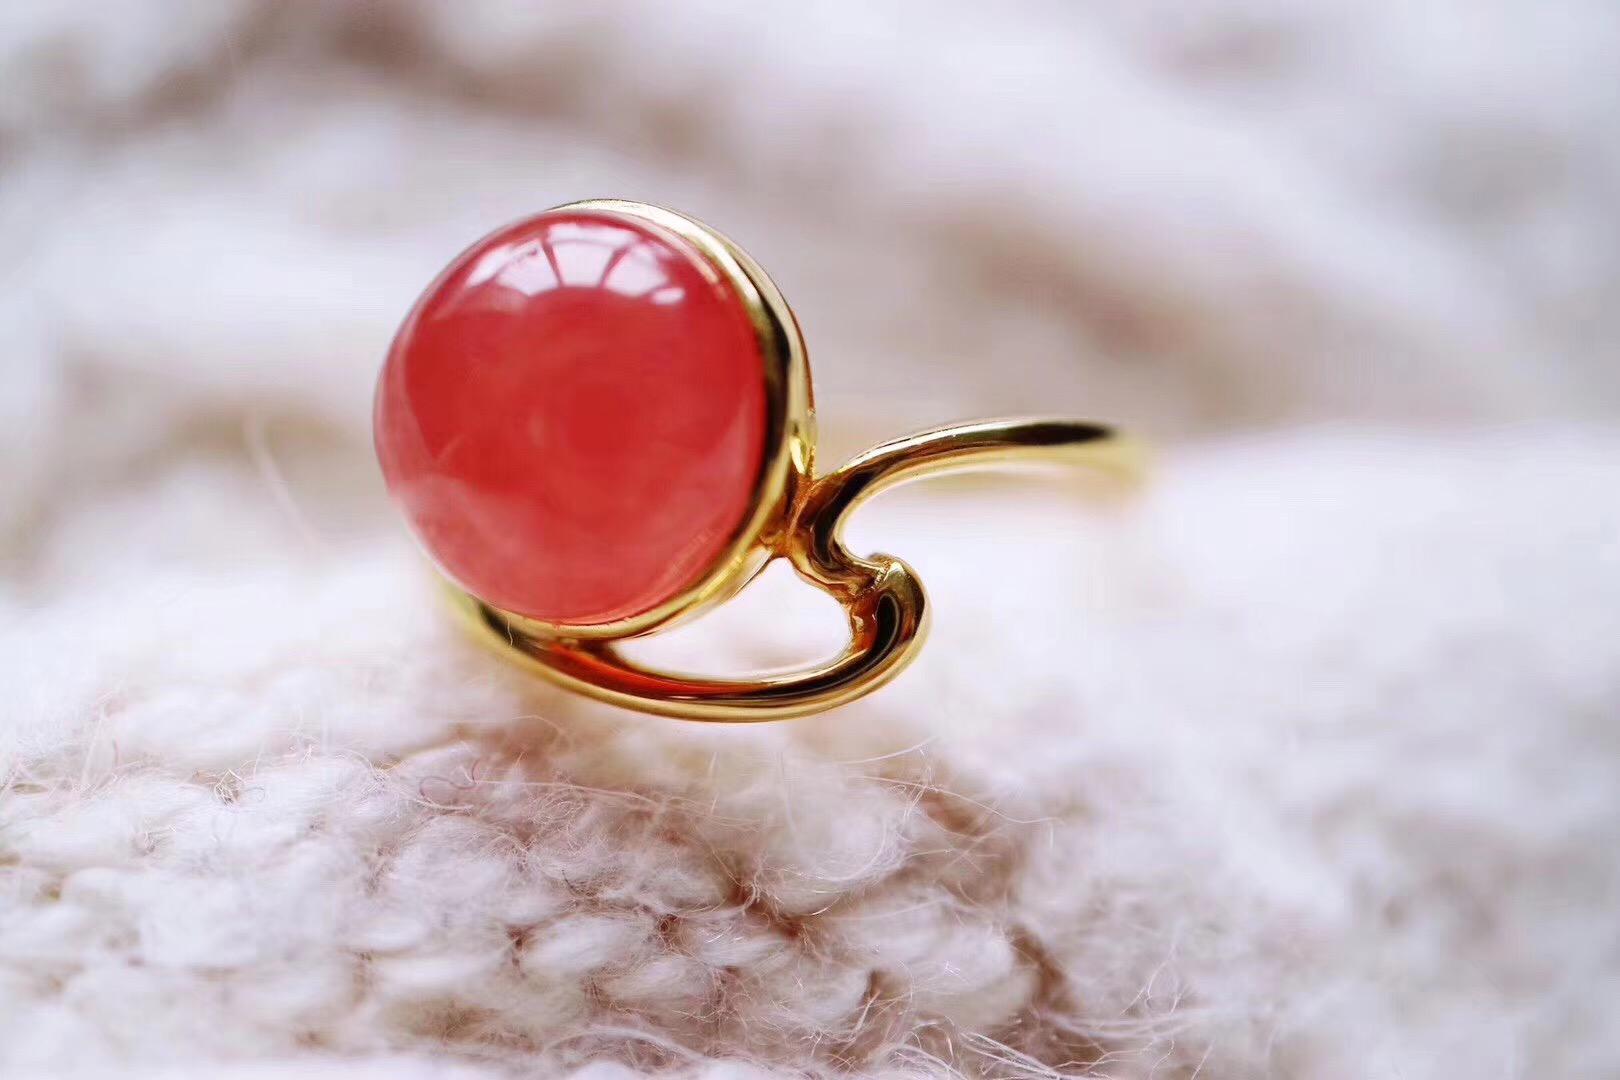 【菩心-红纹石】红纹石教会我们爱自己,而爱自己,将会余生浪漫的开始。-菩心晶舍